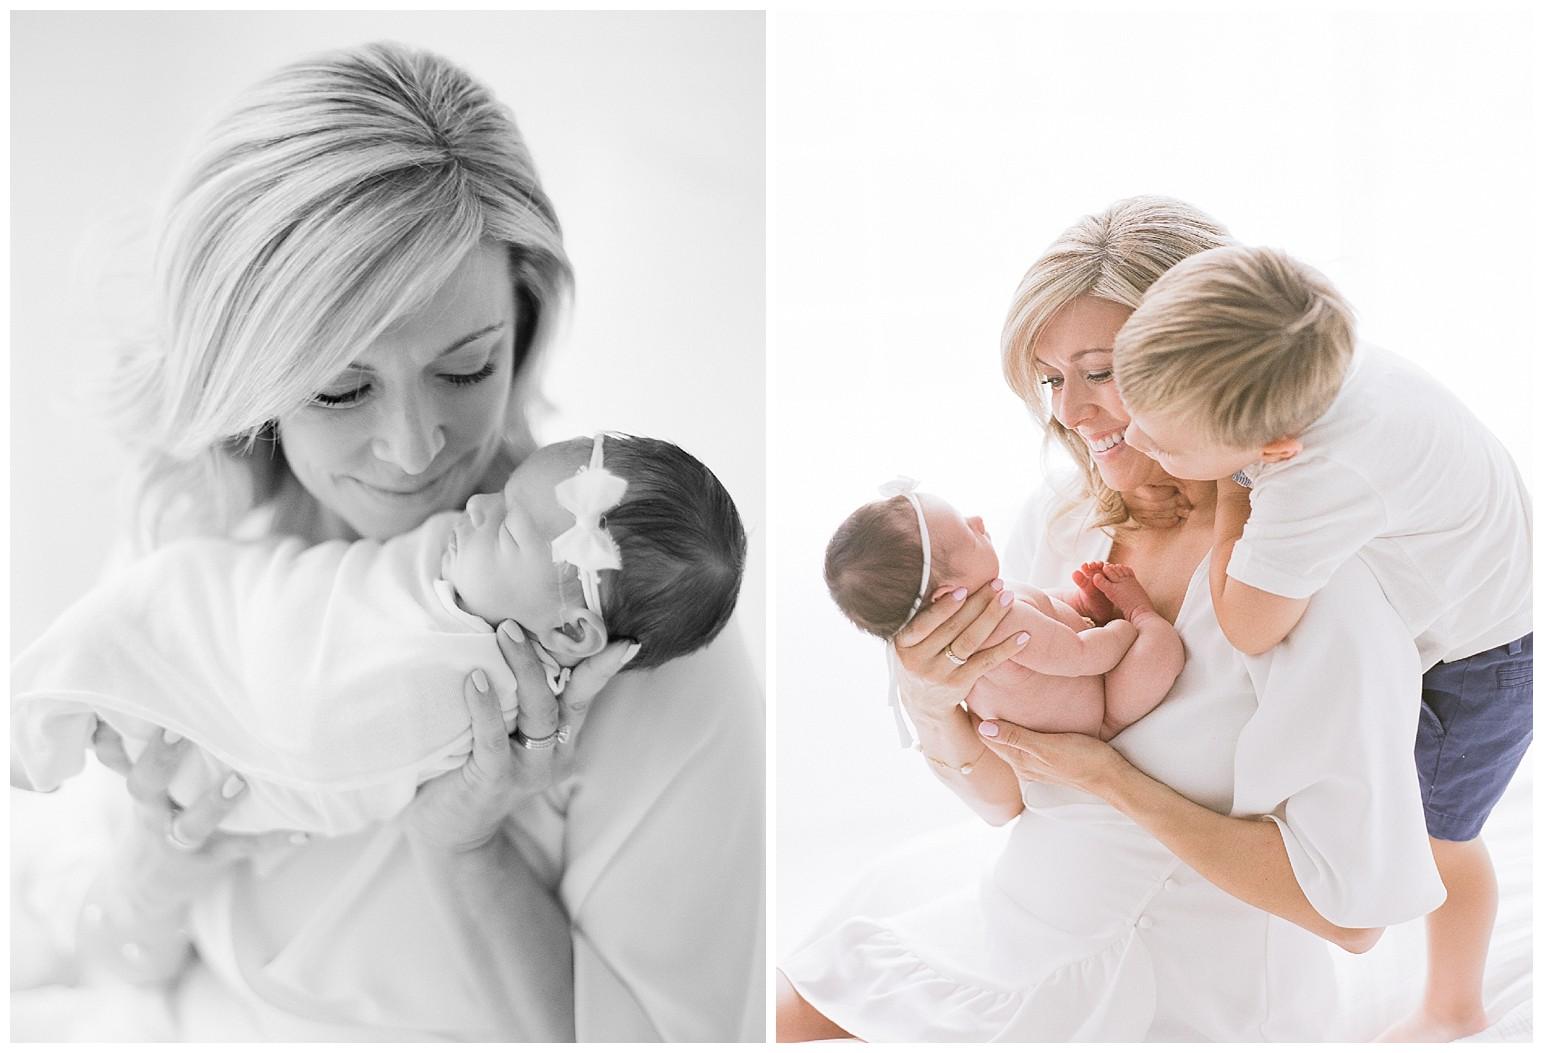 st louis photography_maternity_lauren muckler photography_film_st louis film photographer_0409.jpg